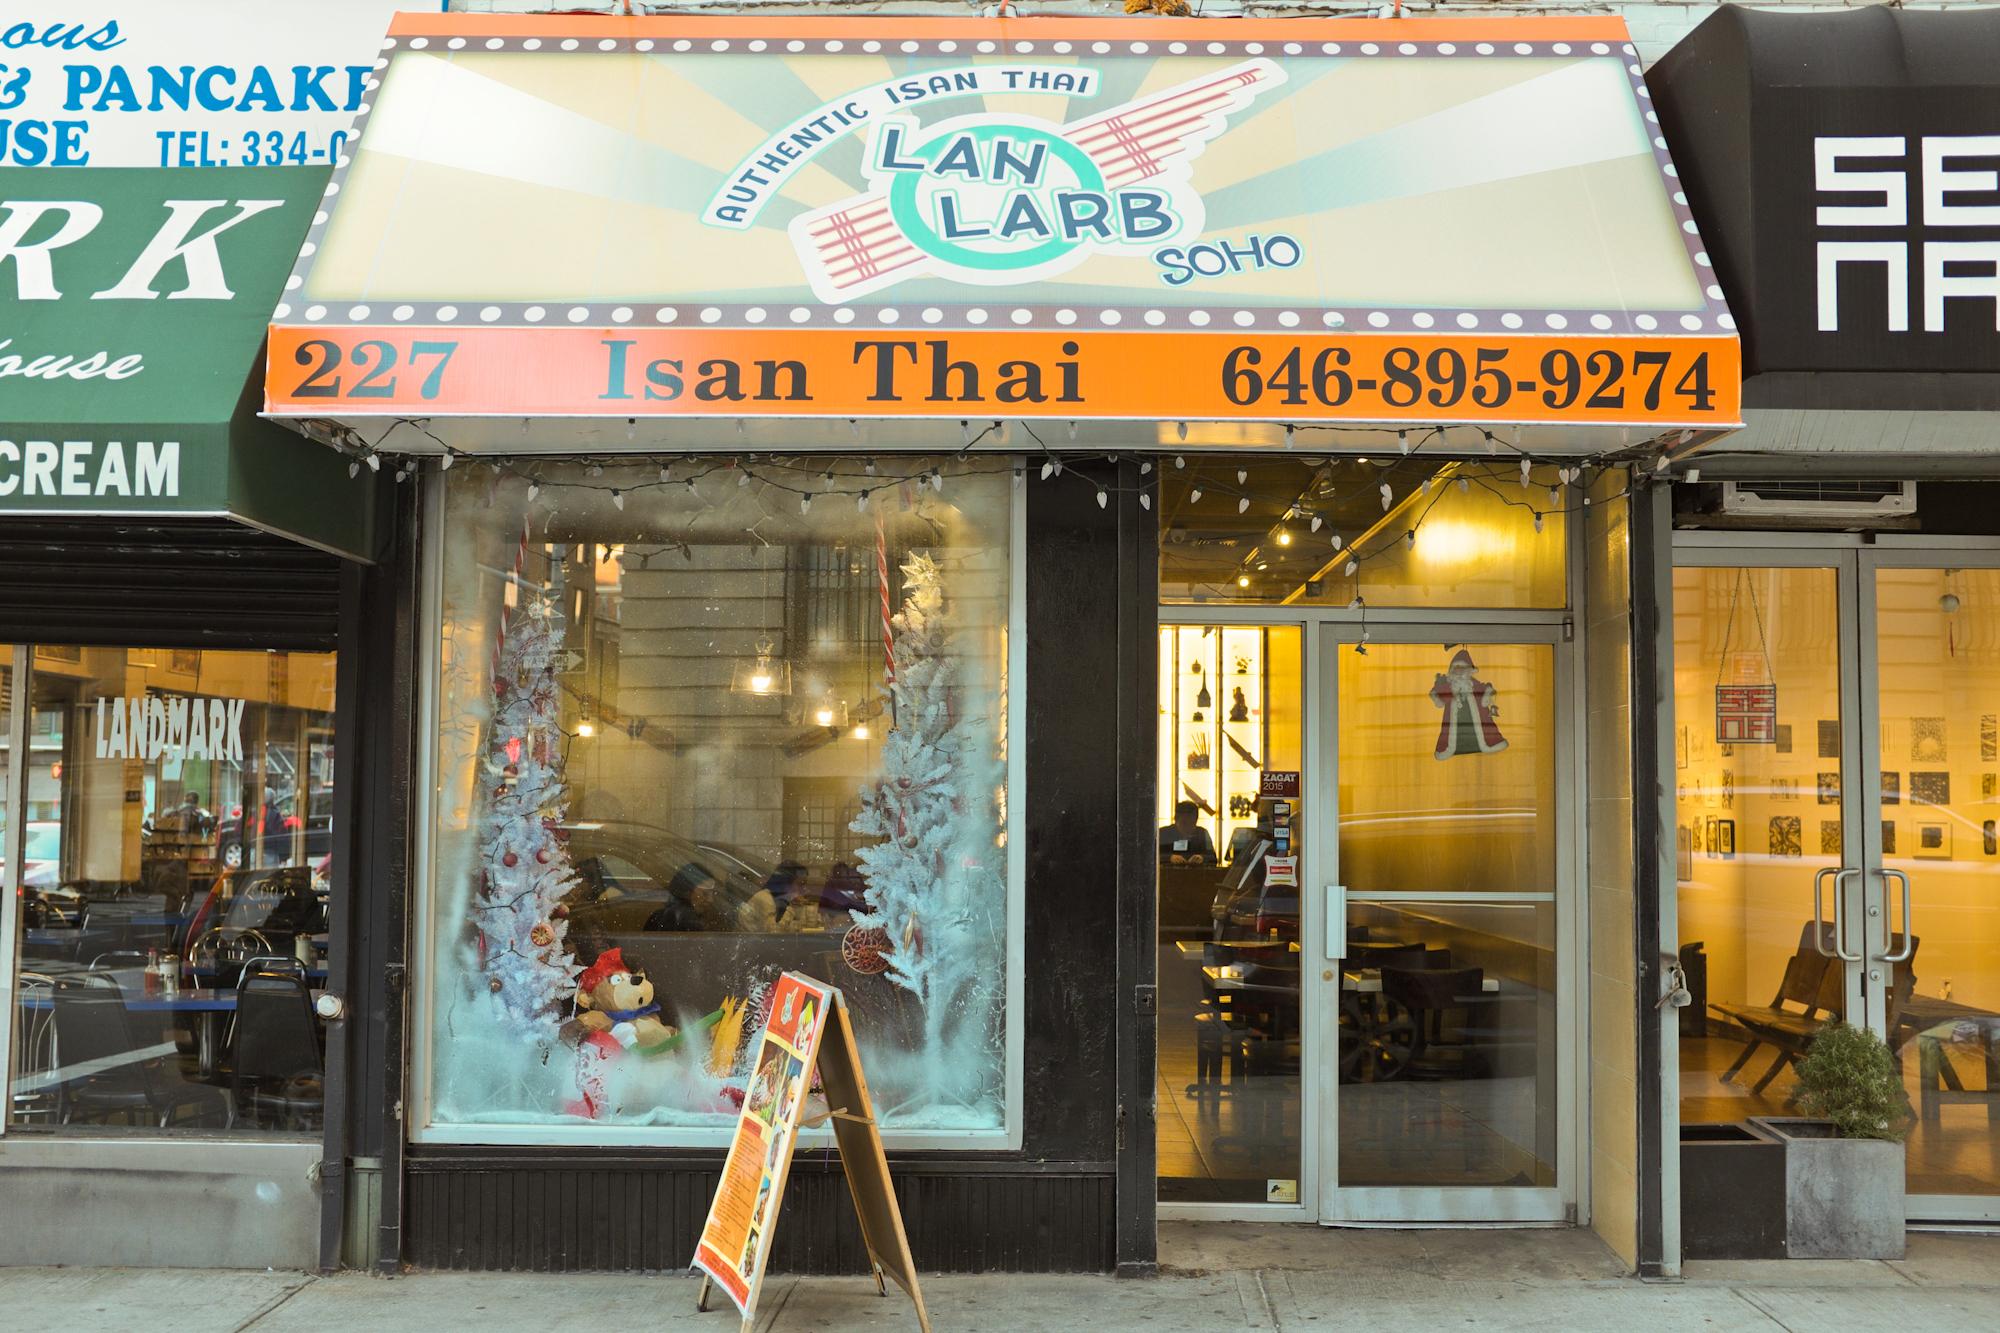 Lan Larb